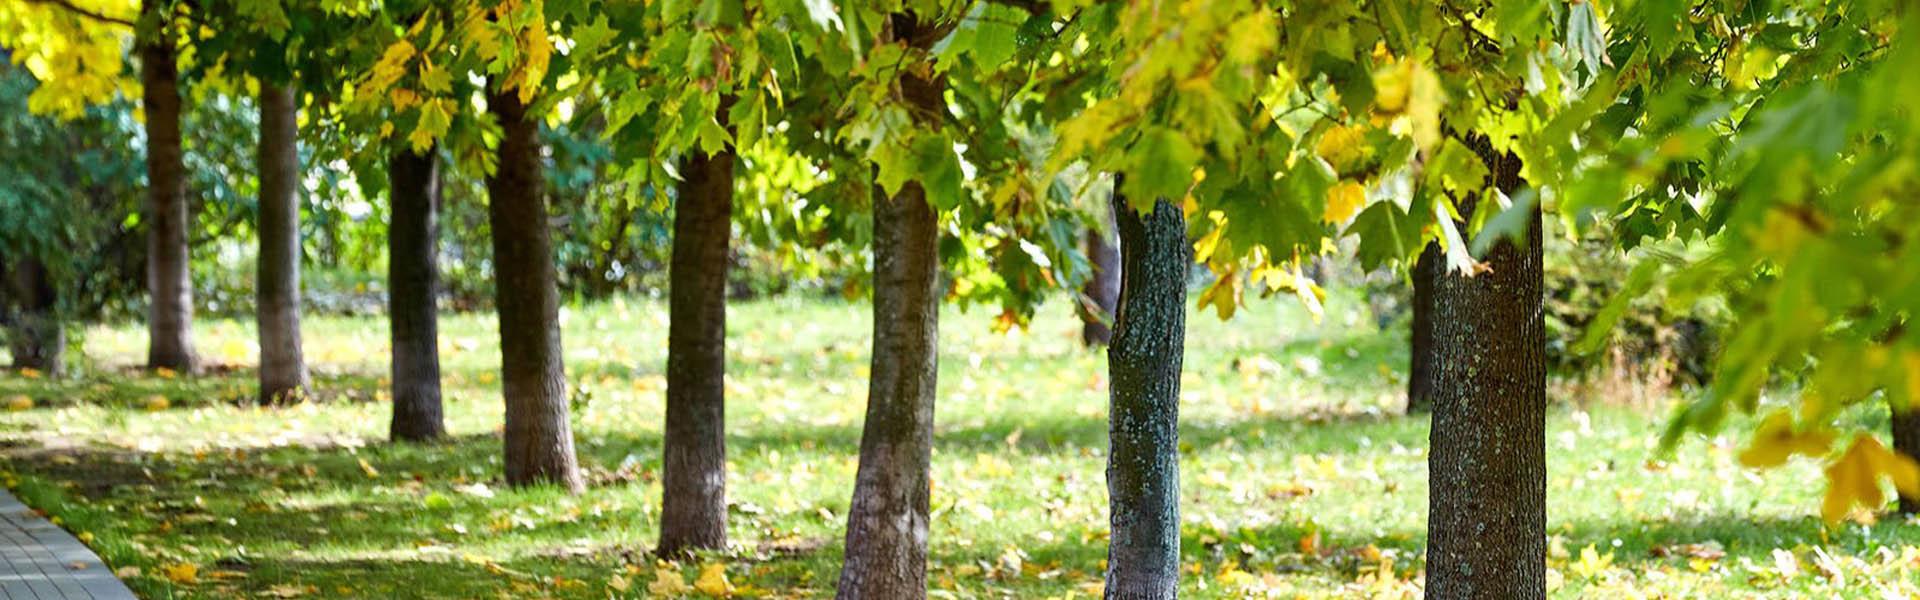 деревья в зеленограде